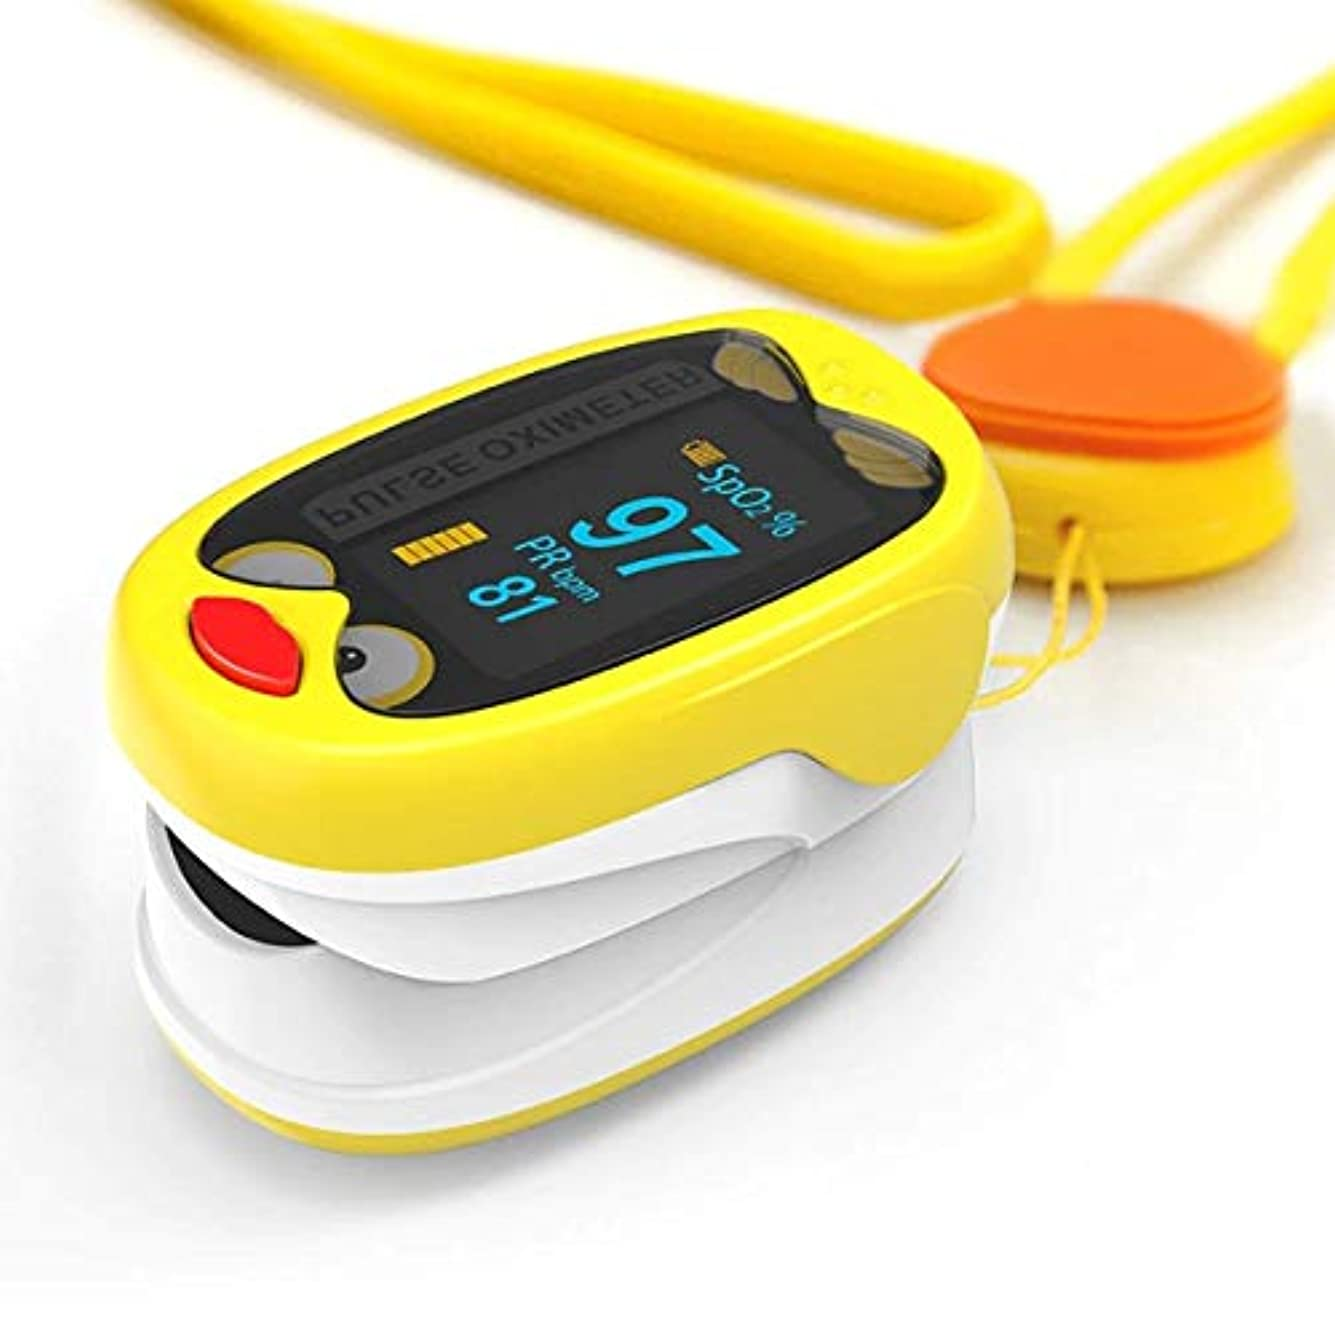 俳優ロバ革命的子供および子供のための血SpO2指の酸化濃度計の酸素含有量を測定する脈拍の酸化濃度計のデジタル回転OLEDスクリーン